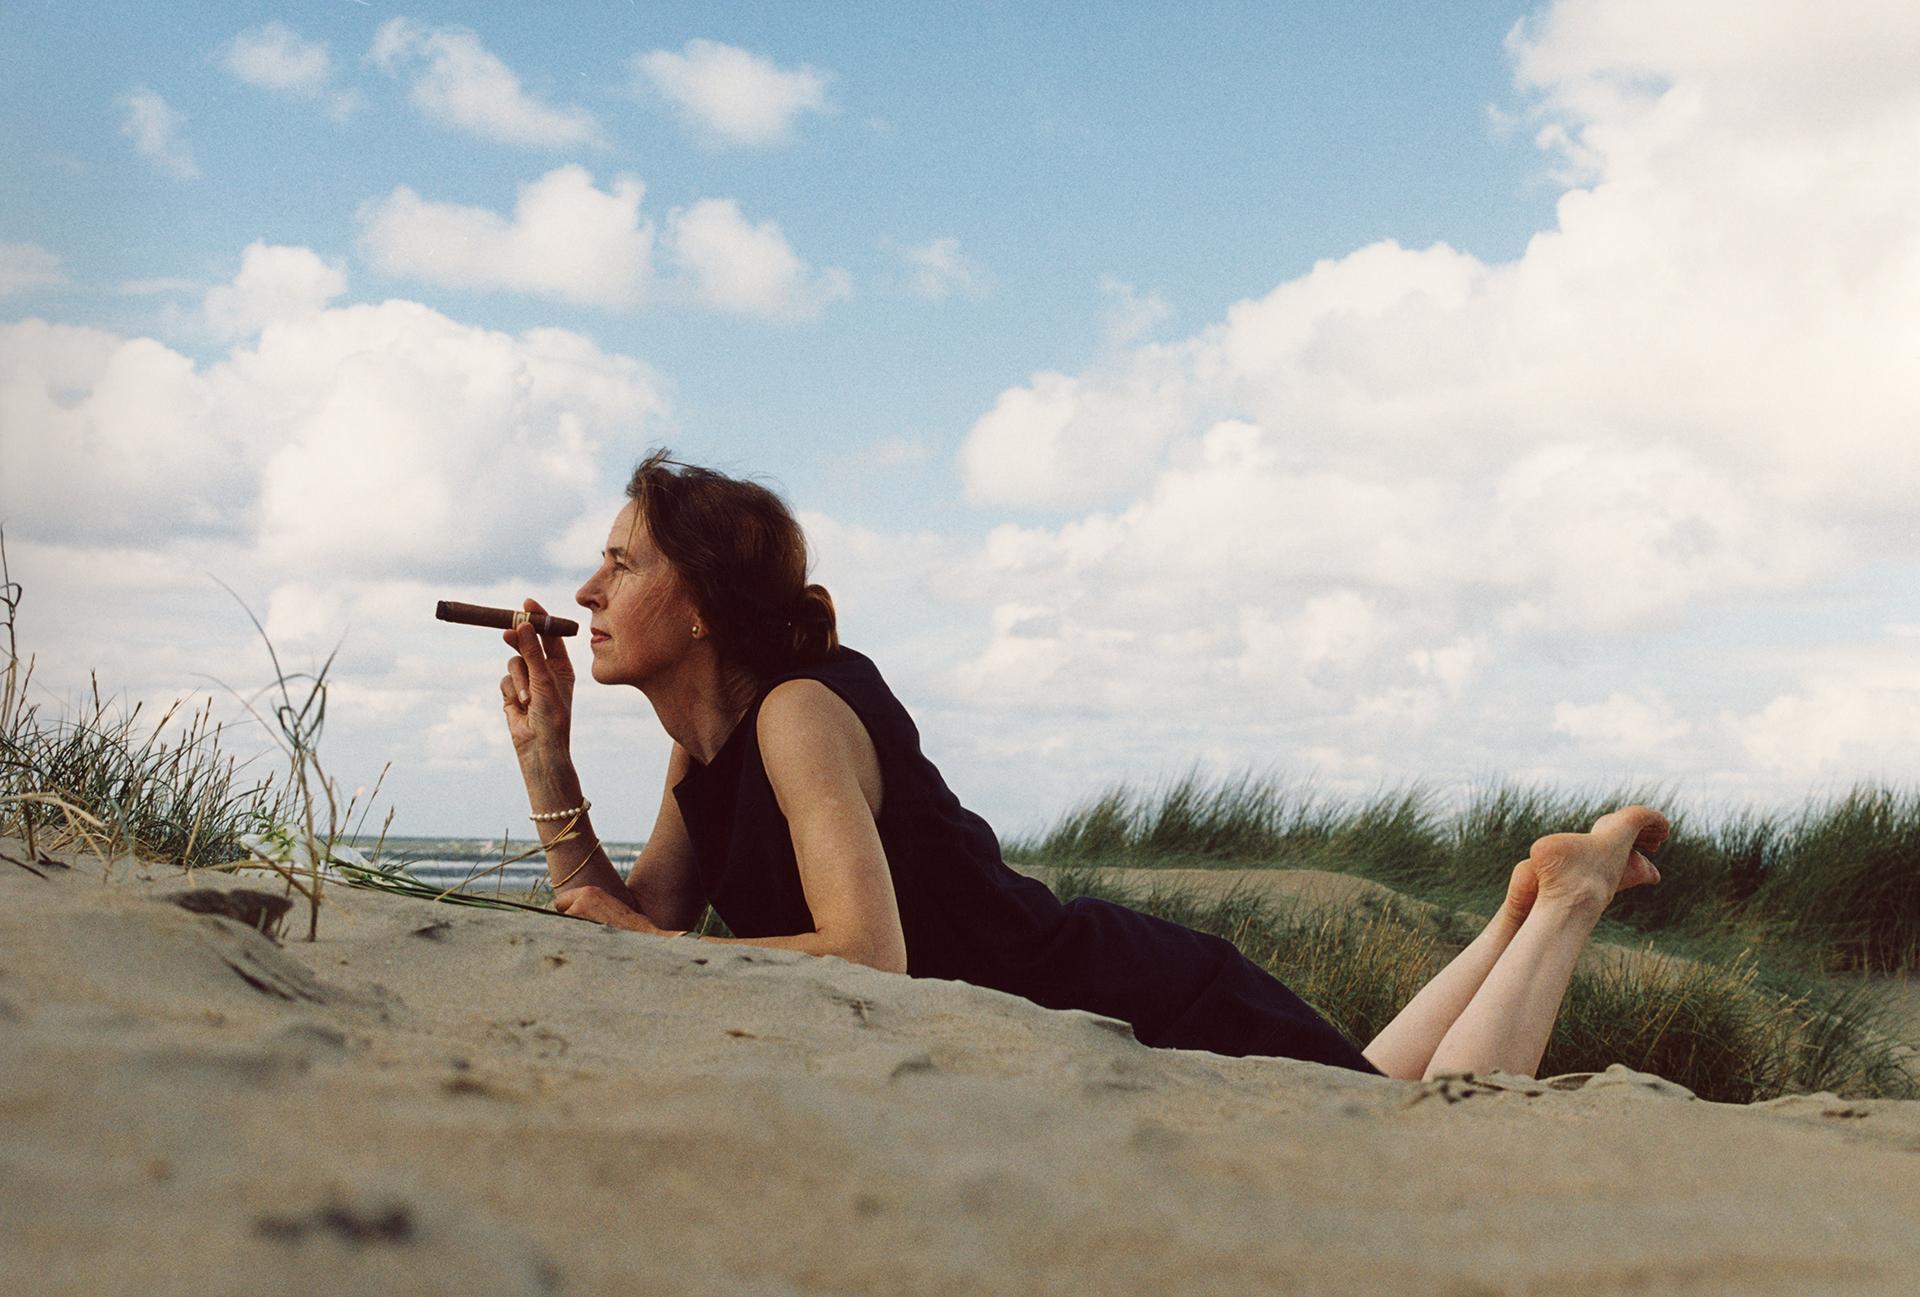 foto van sigaar rokende Greta Blok in duinpan met zee op achtergrond